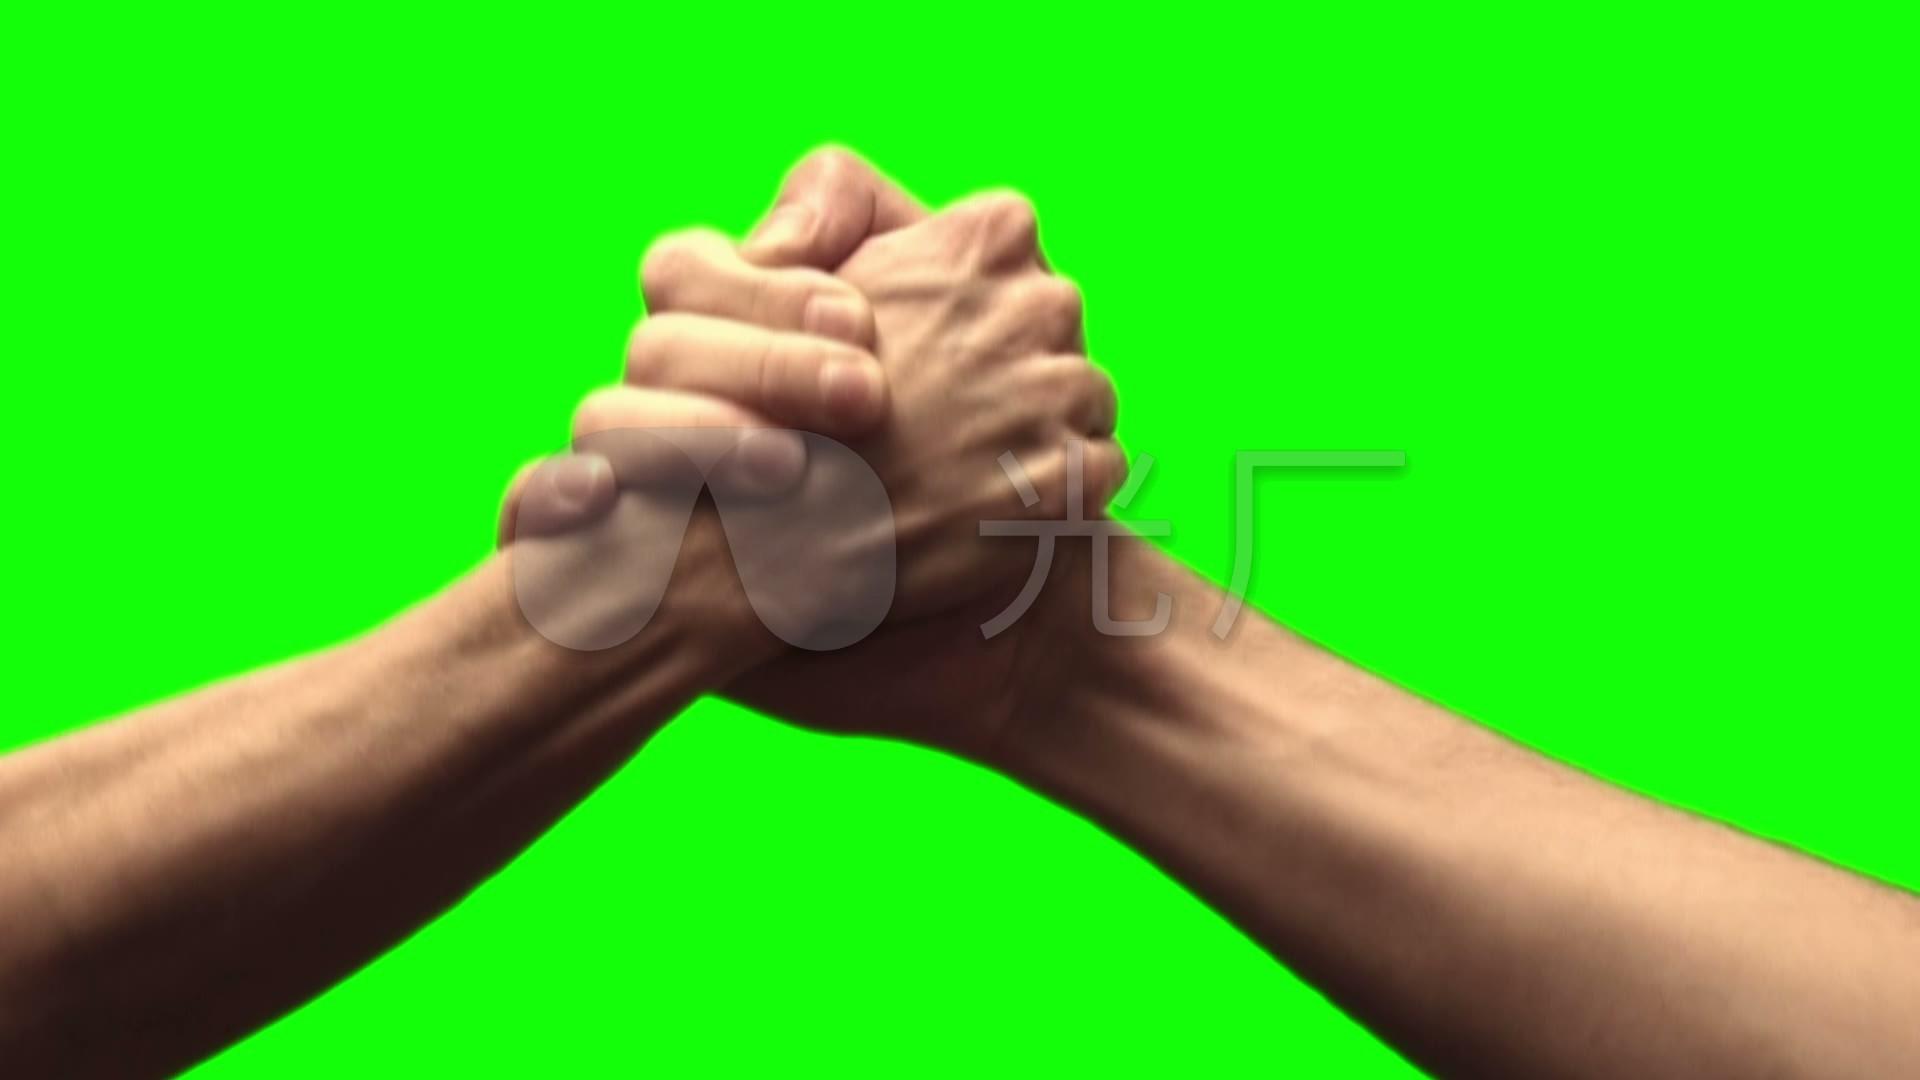 握手合作共赢团队_1920x1080_高清视频素材